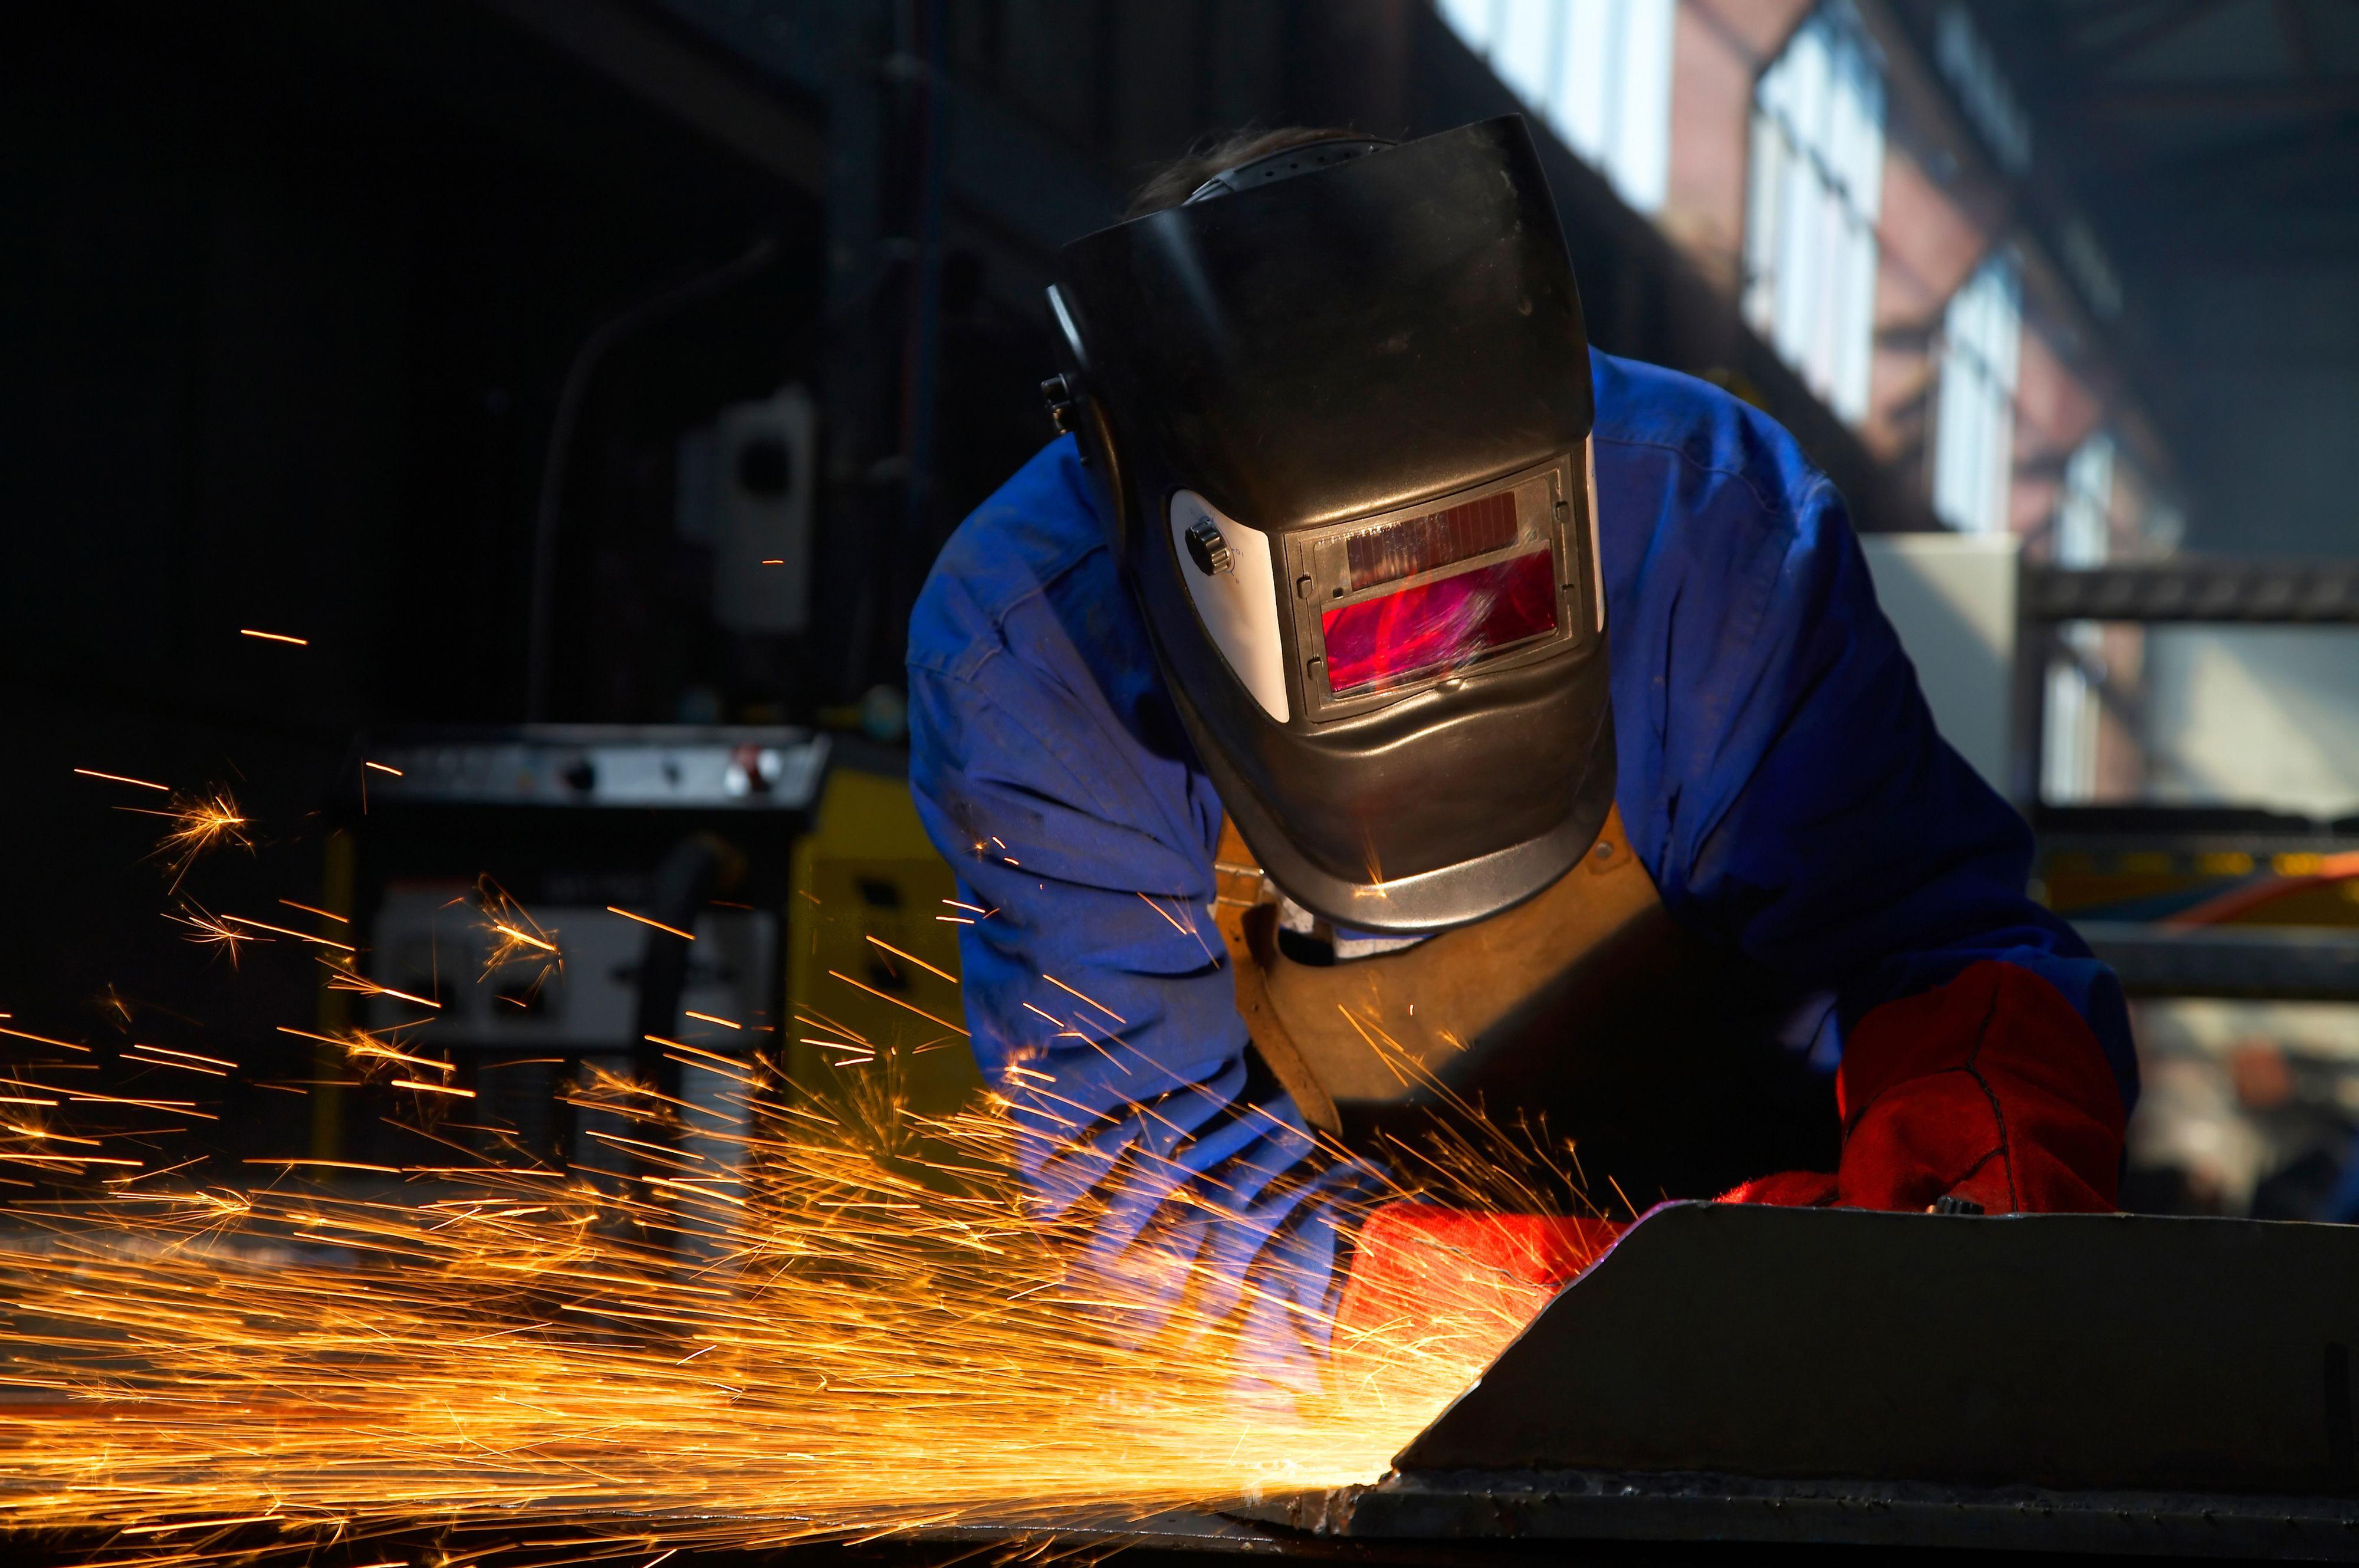 Firmy poszukują m.in. spawaczy. (Fot. Shutterstock)